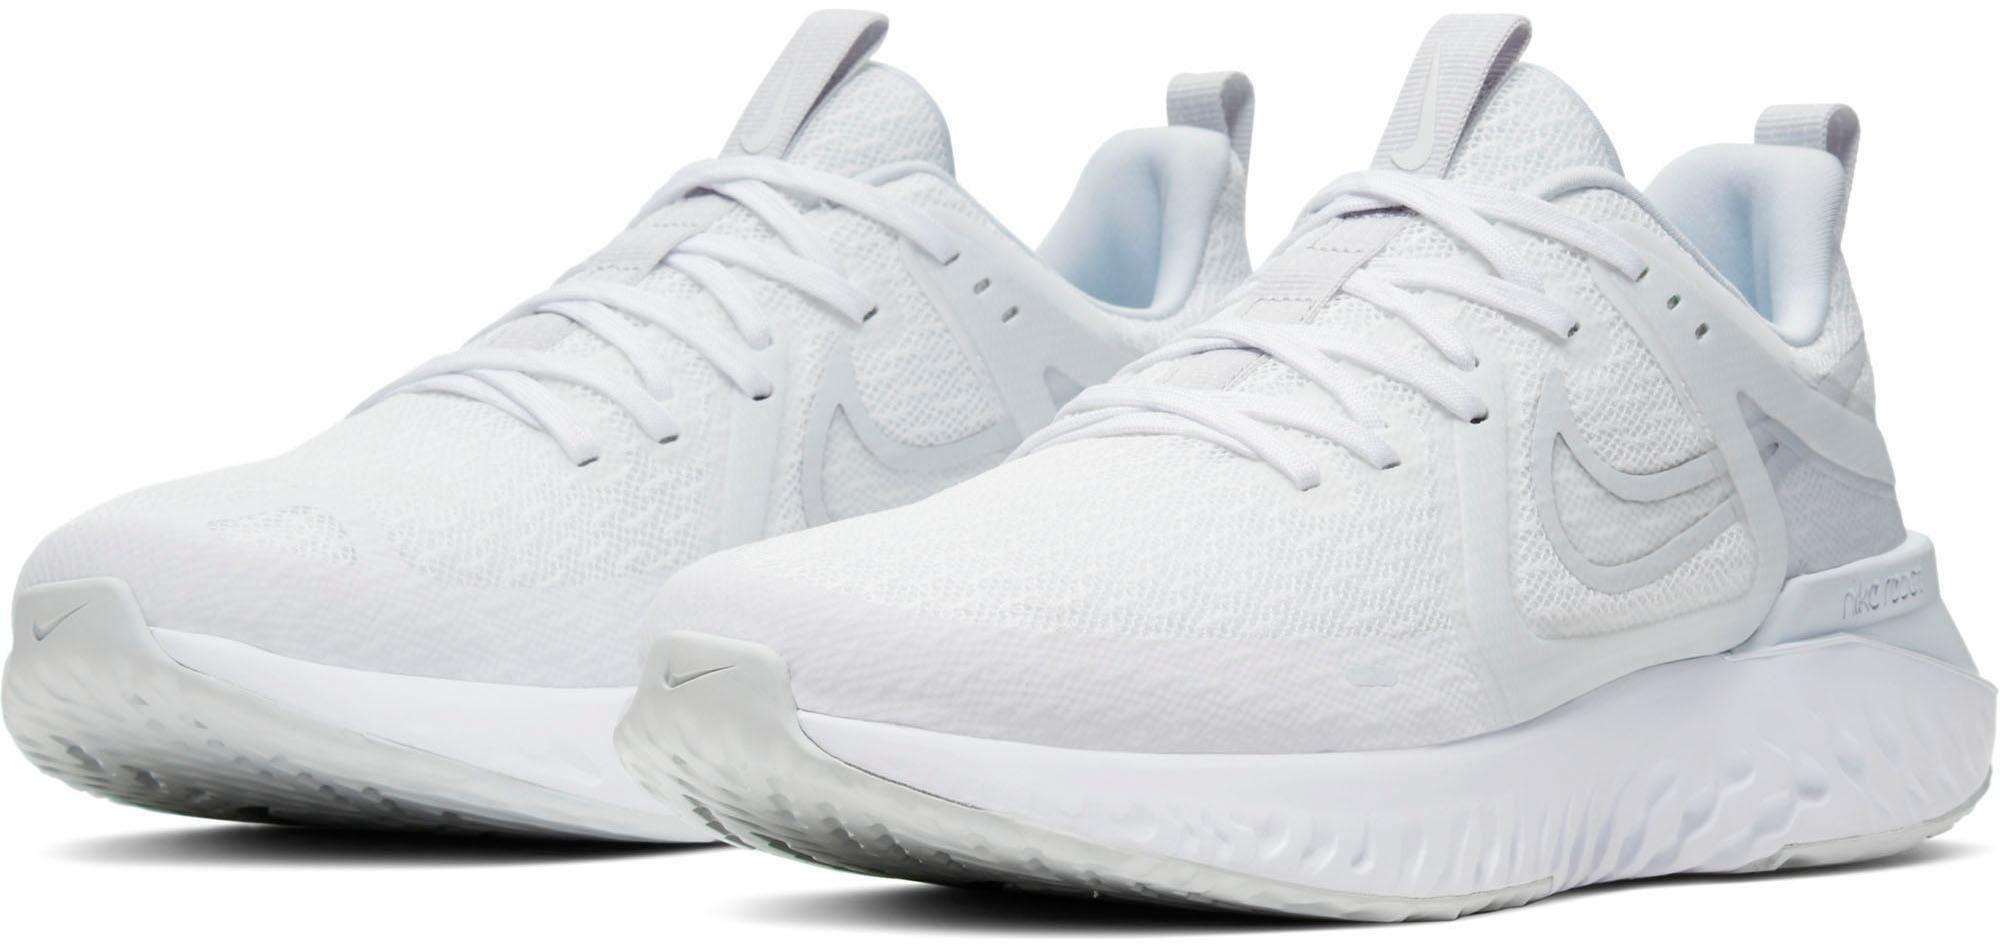 Nike Sportswear »Air Max 270« Sneaker, Zuglasche für einen leichten Einstieg online kaufen | OTTO